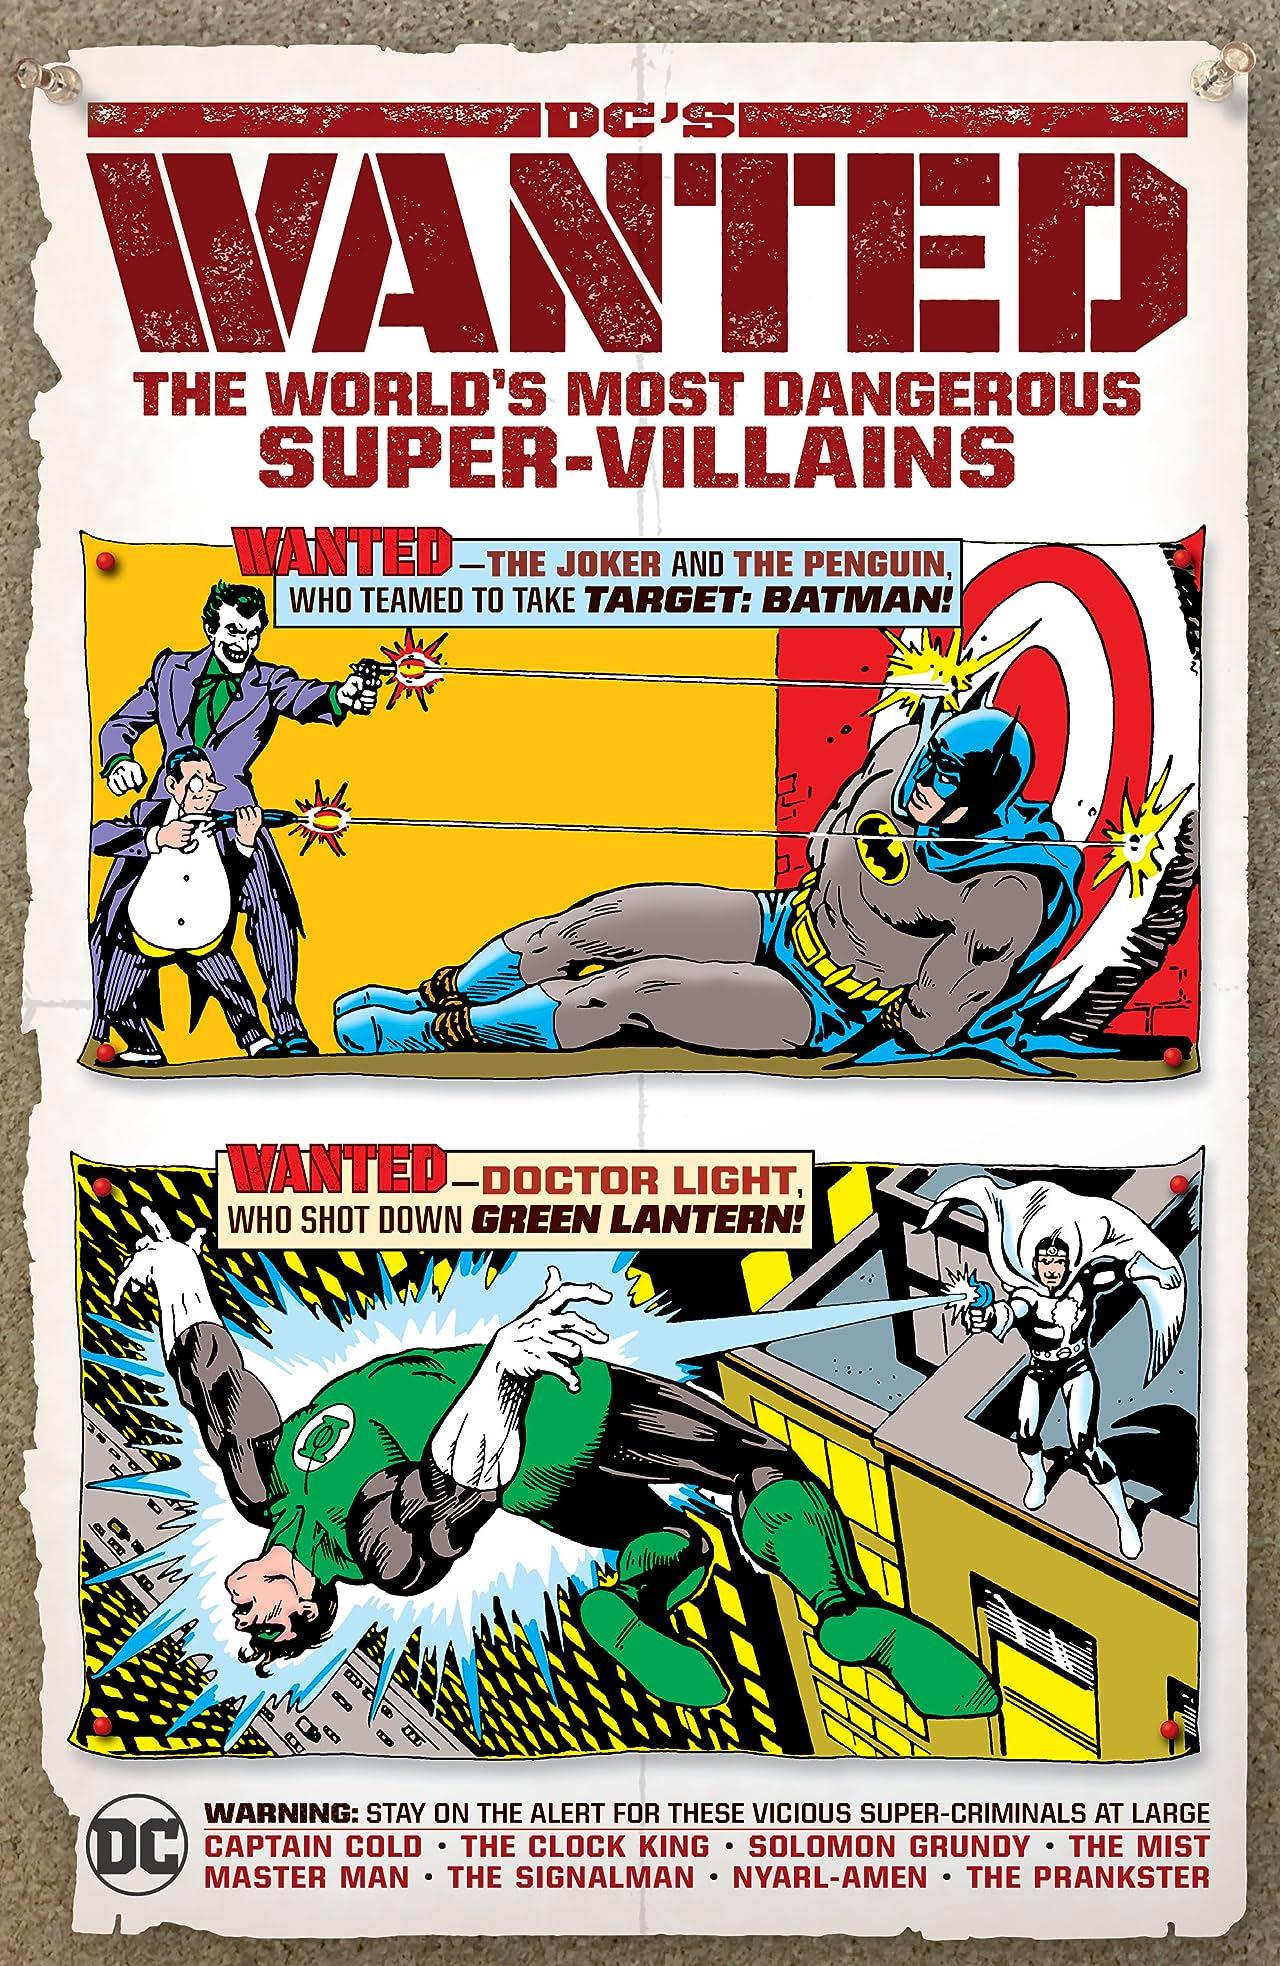 DC's Wanted: The World's Most Dangerous Super-Villains